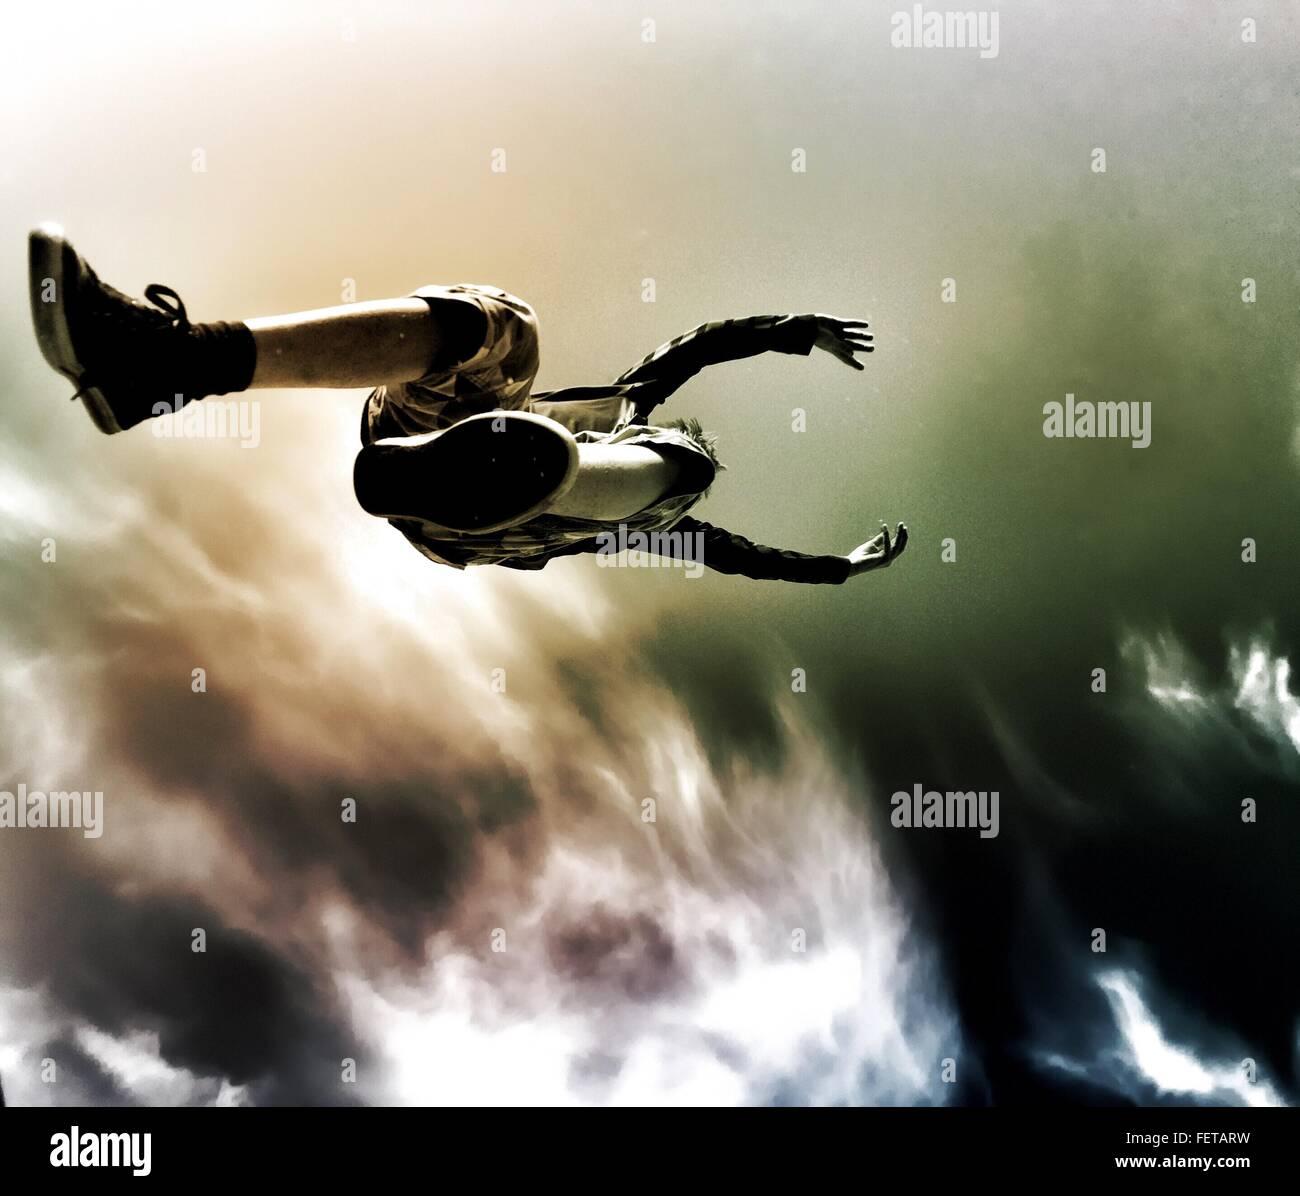 Directamente debajo de la foto de Boy saltando contra el cielo nublado Imagen De Stock